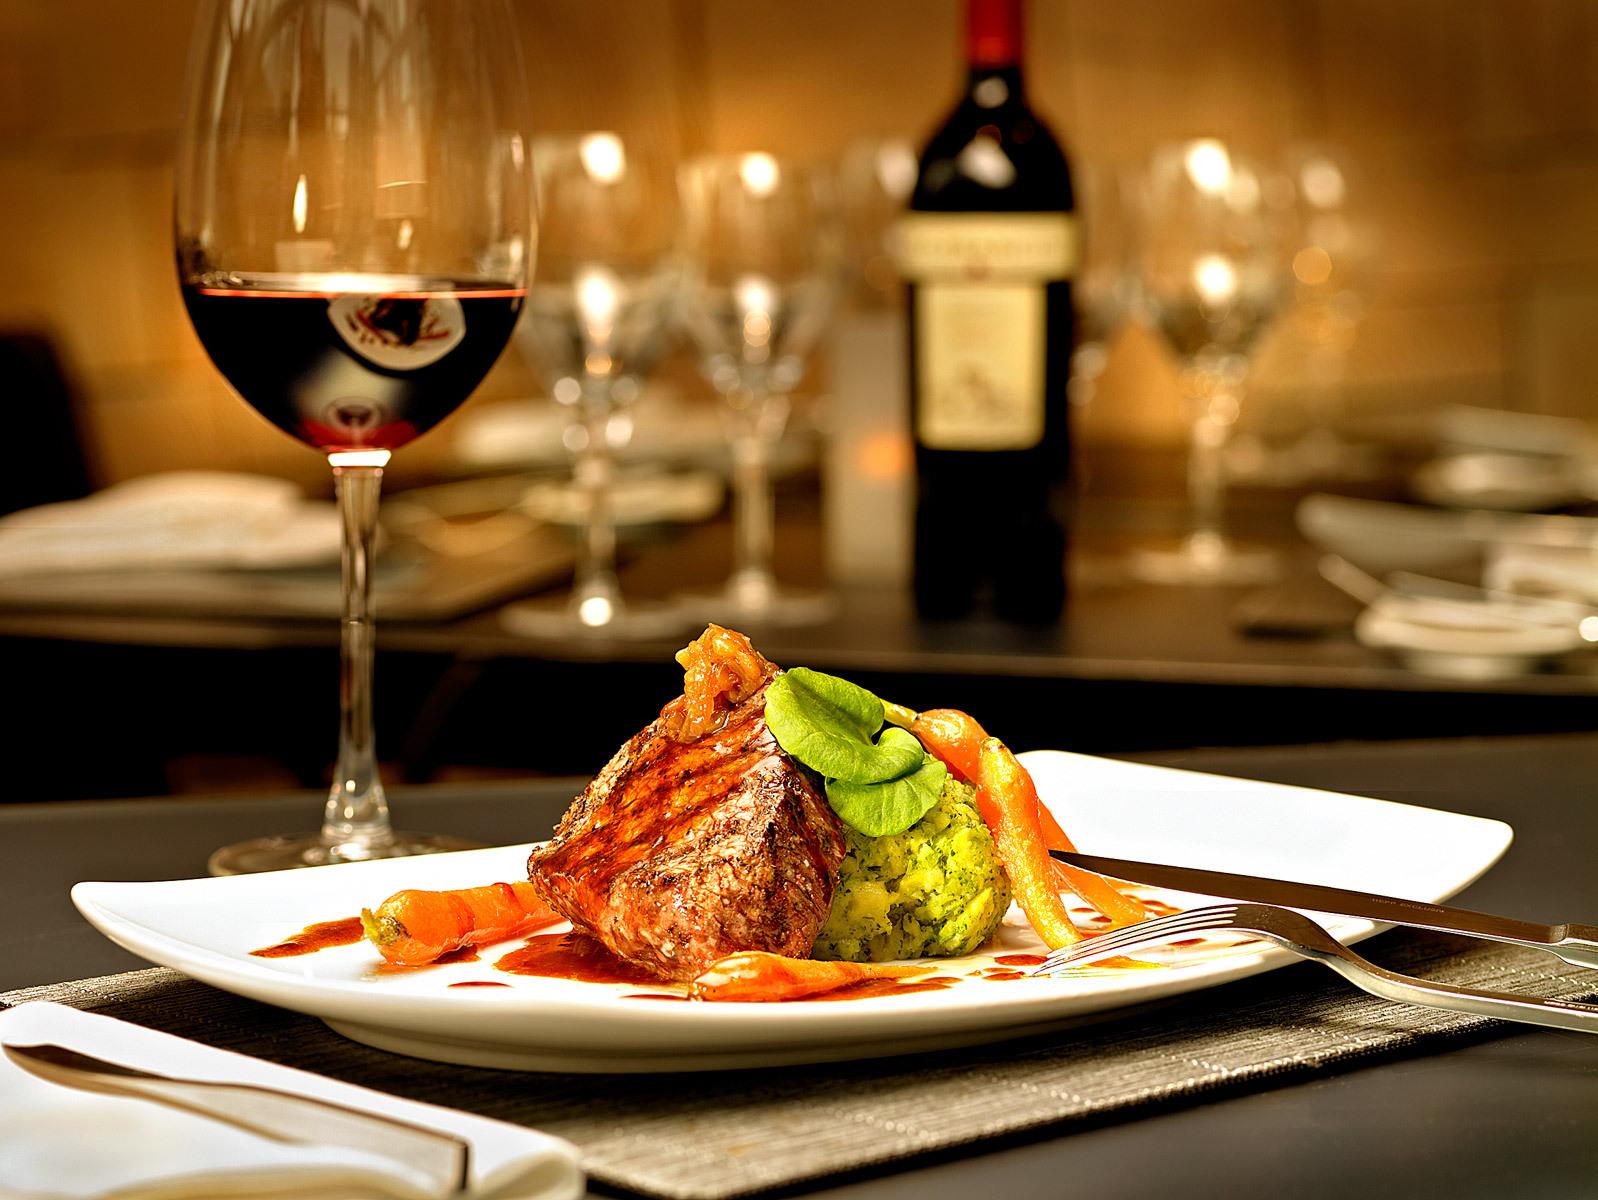 3 совета как правильно питаться в ресторане, чтобы не поправиться